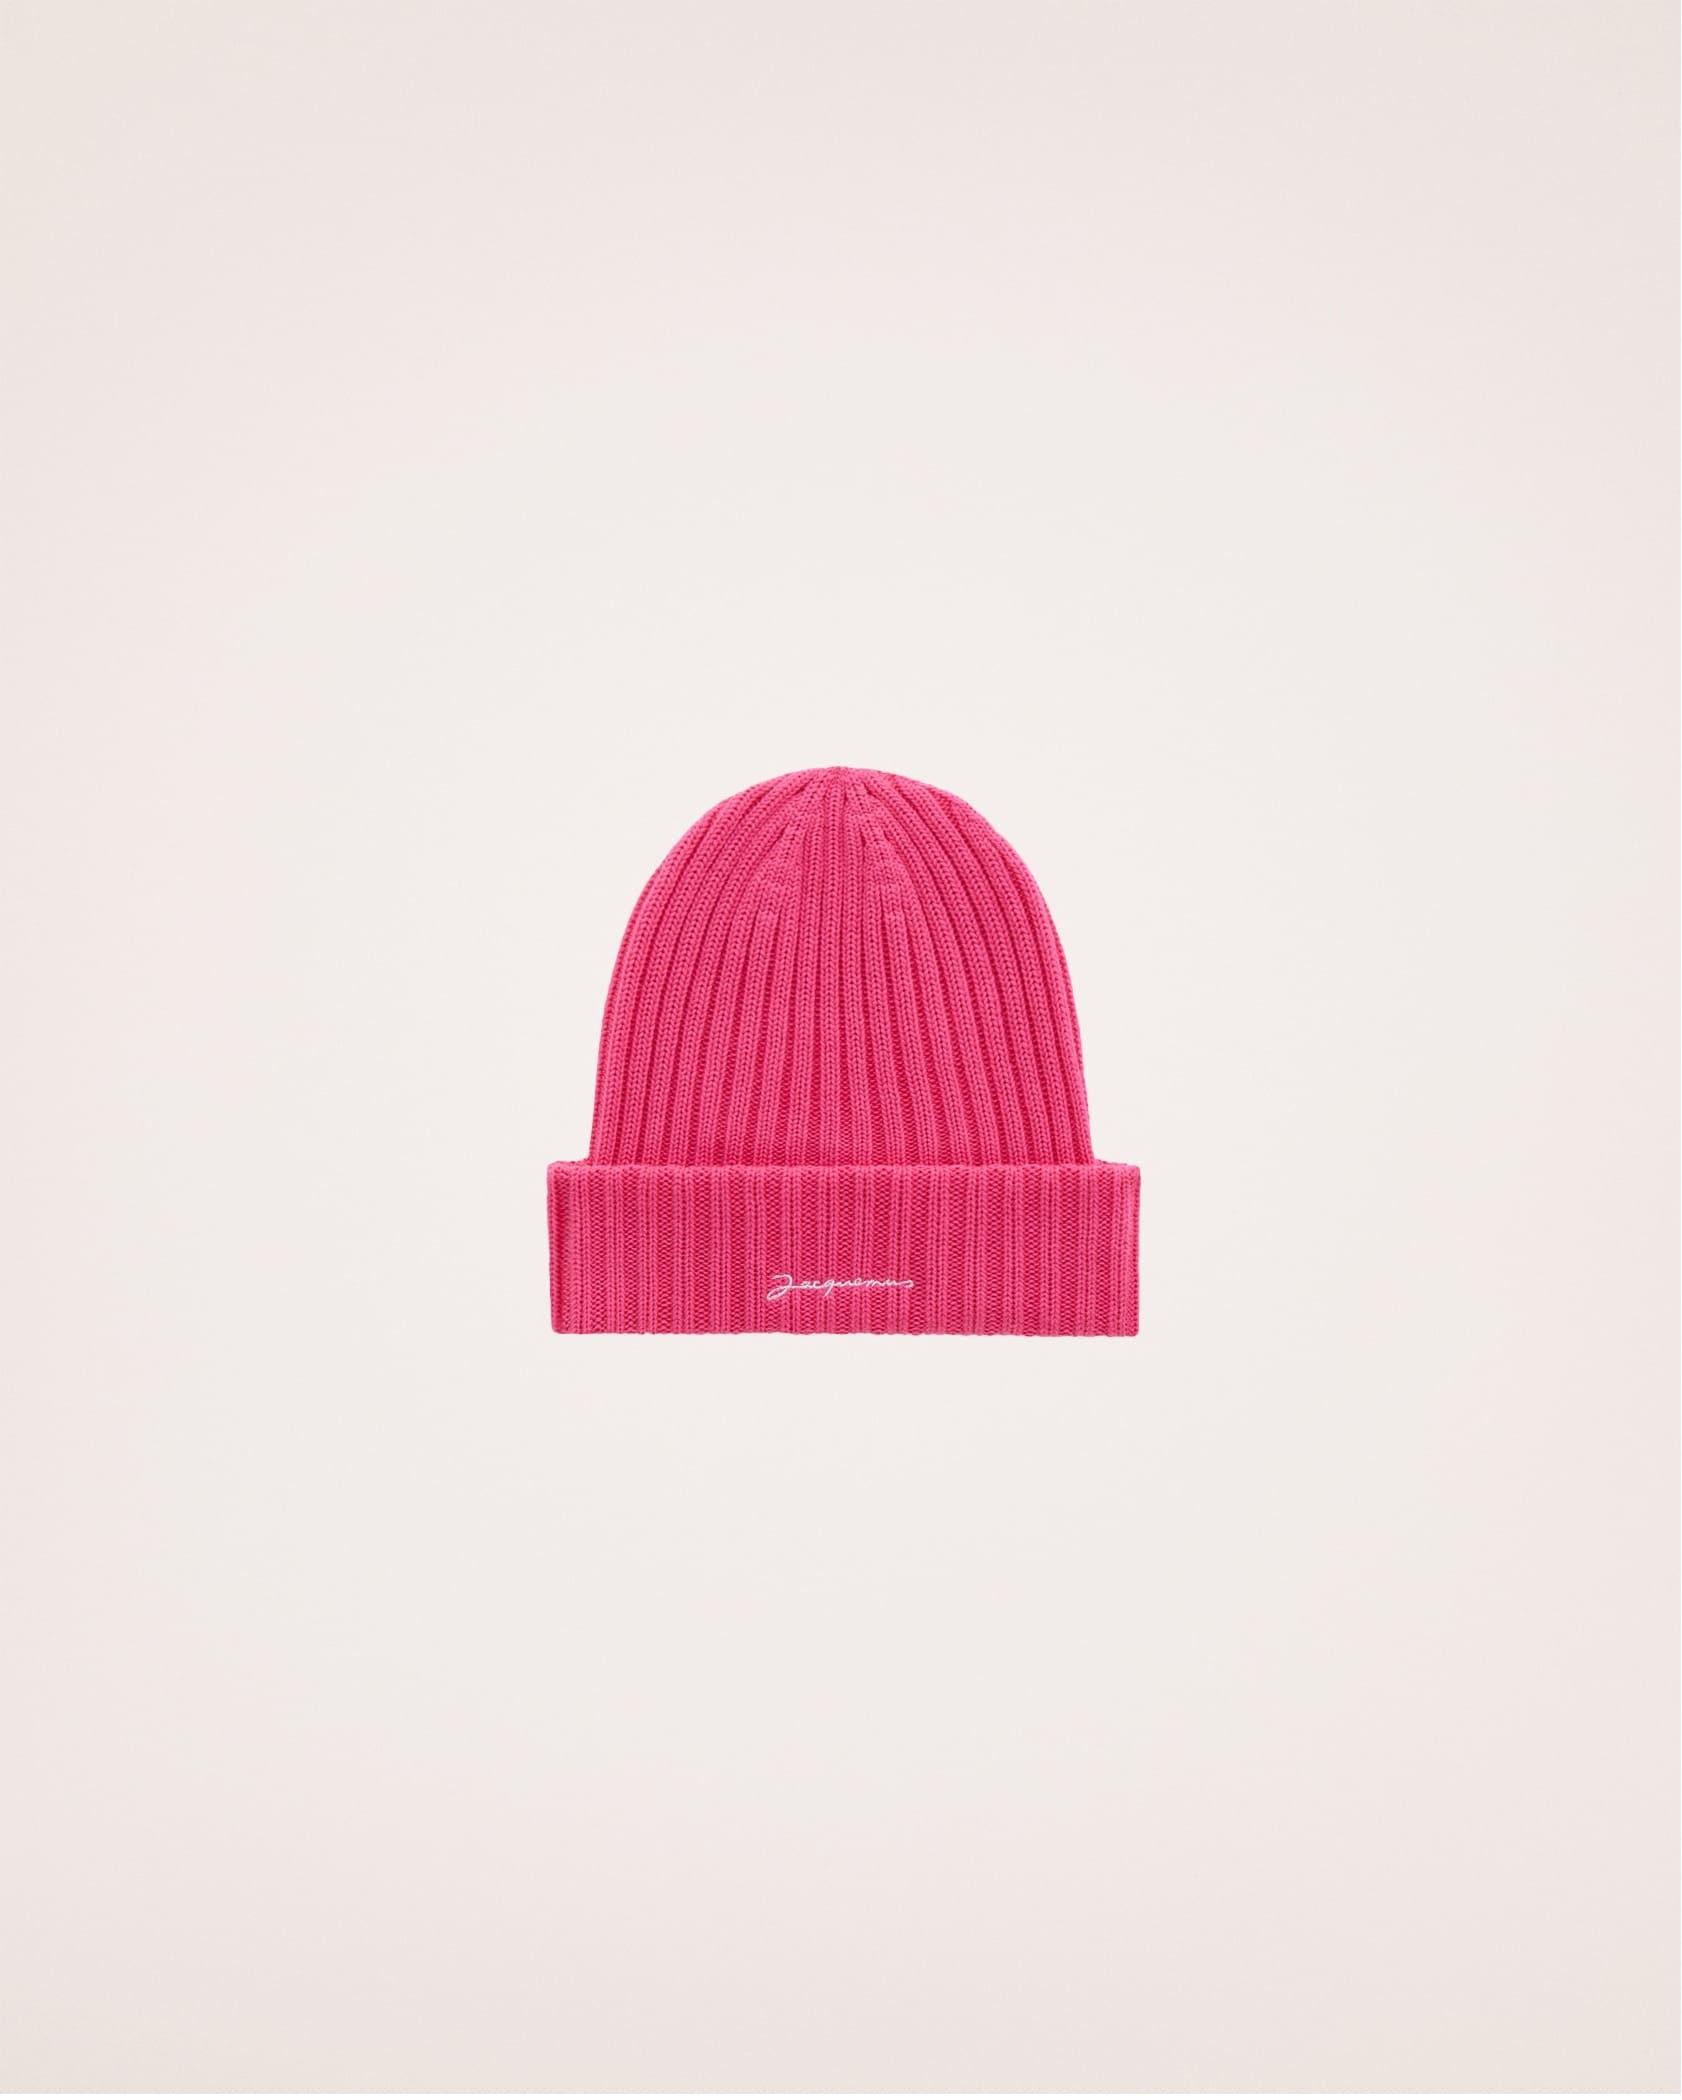 Jacquemus выпустили розовую капсульную коллекцию Pink